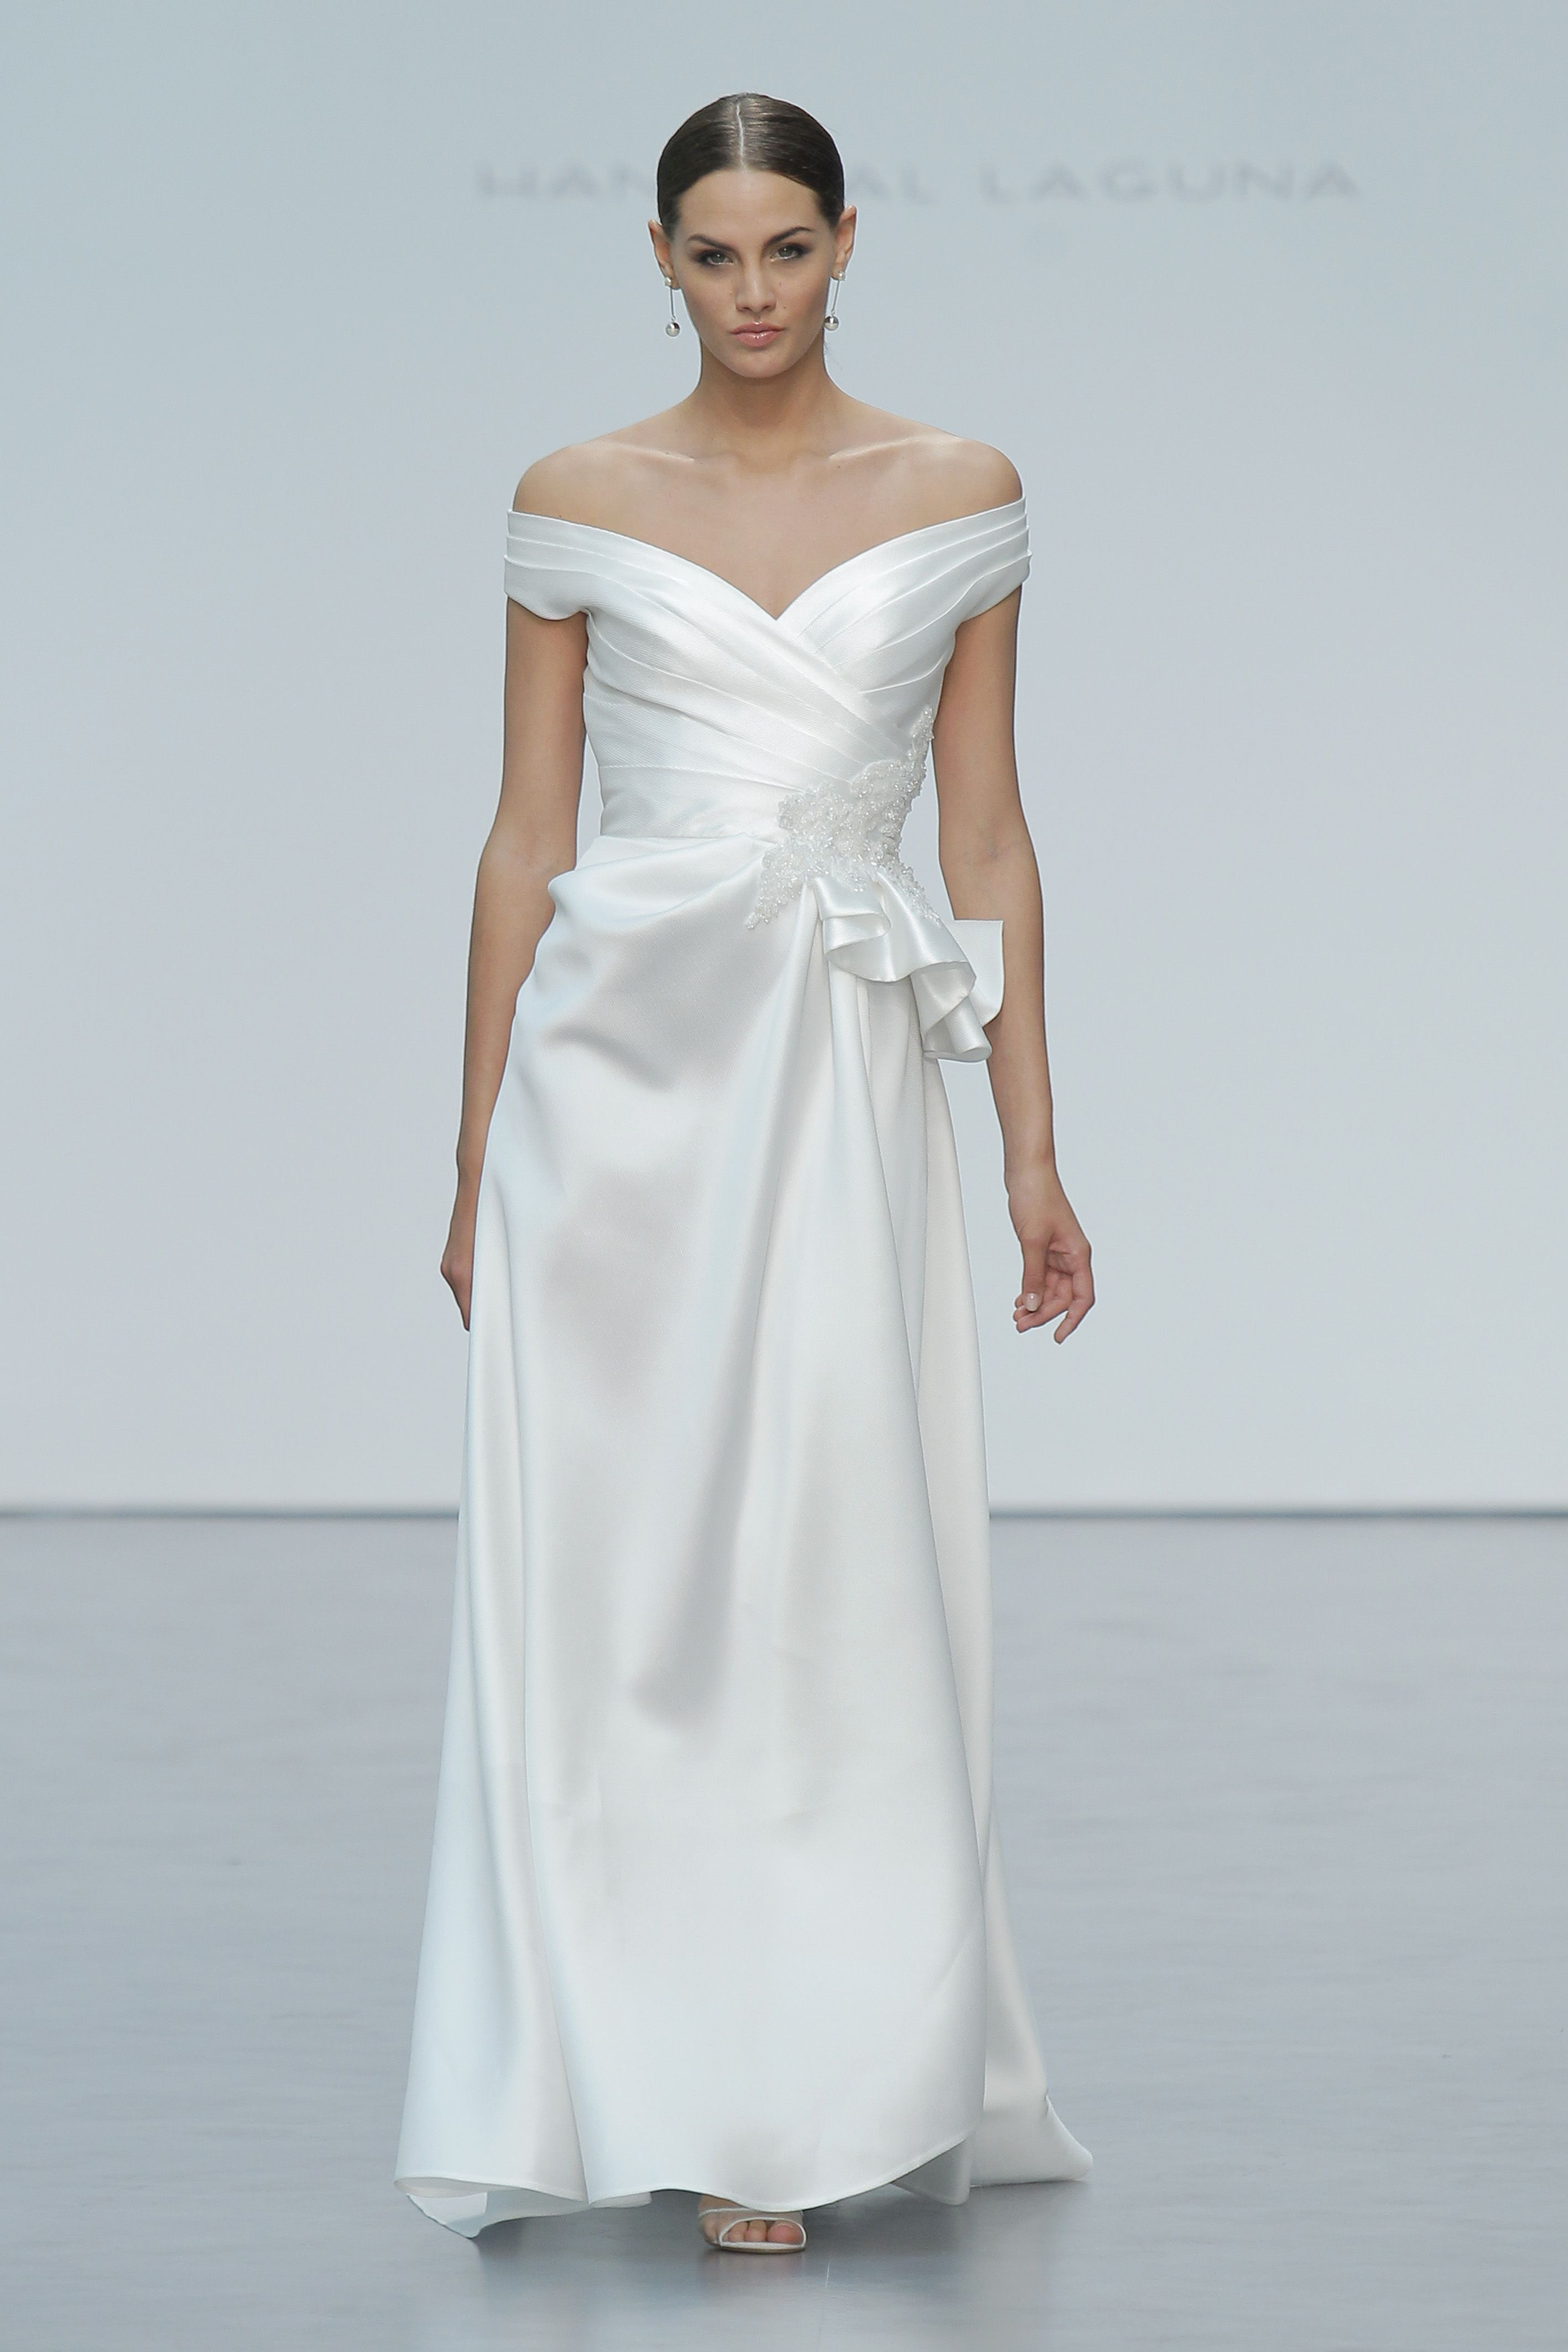 Hannibal Laguna presenta su nueva colección de vestidos de novia